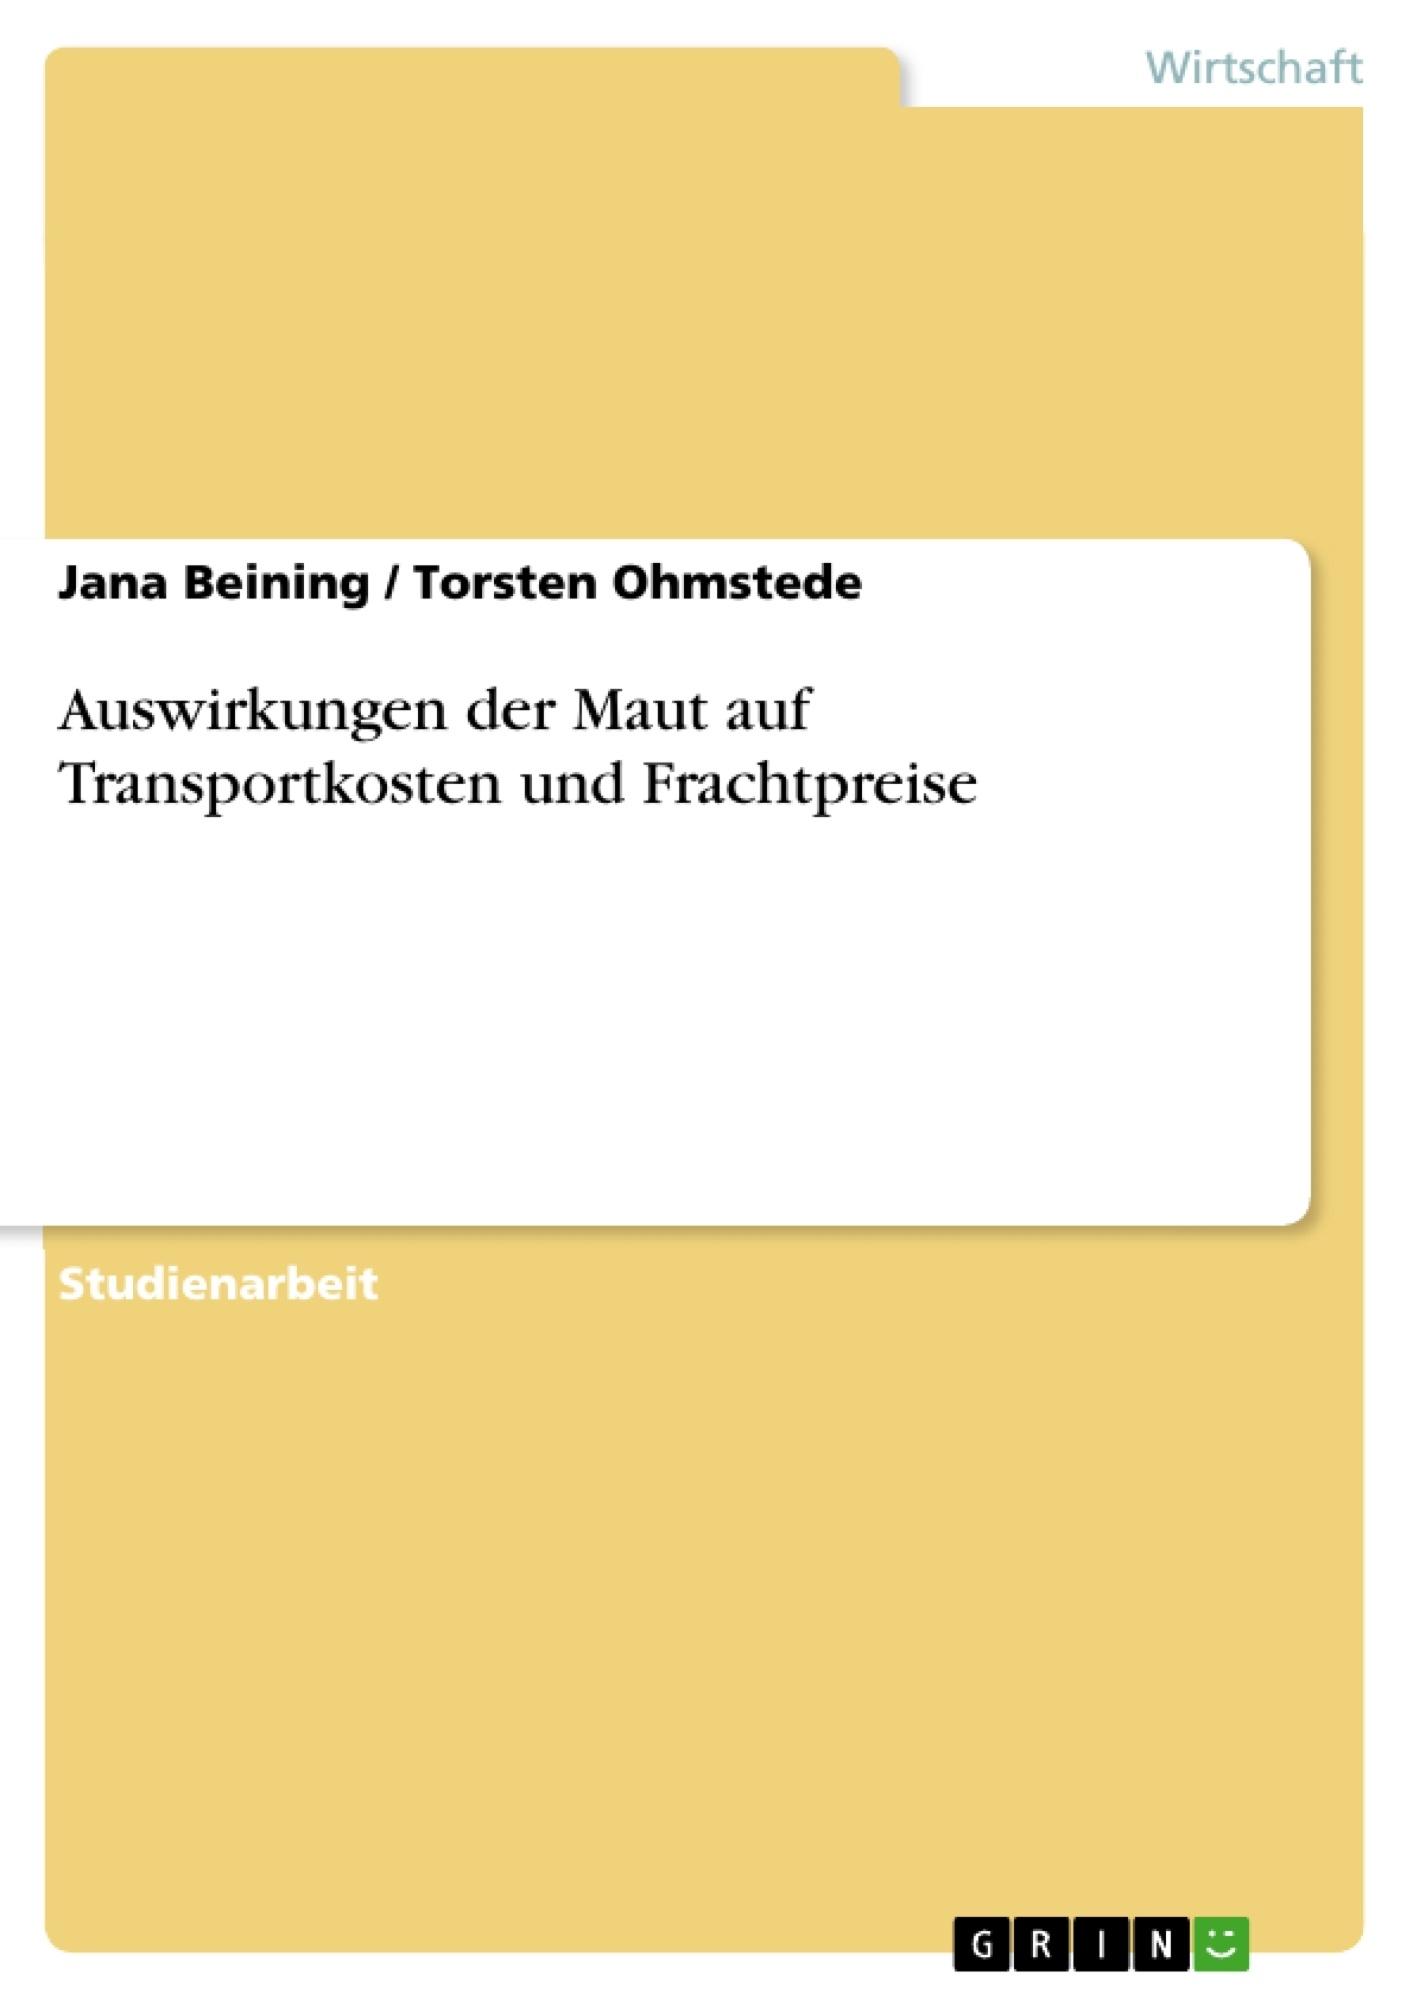 Titel: Auswirkungen der Maut auf Transportkosten und Frachtpreise